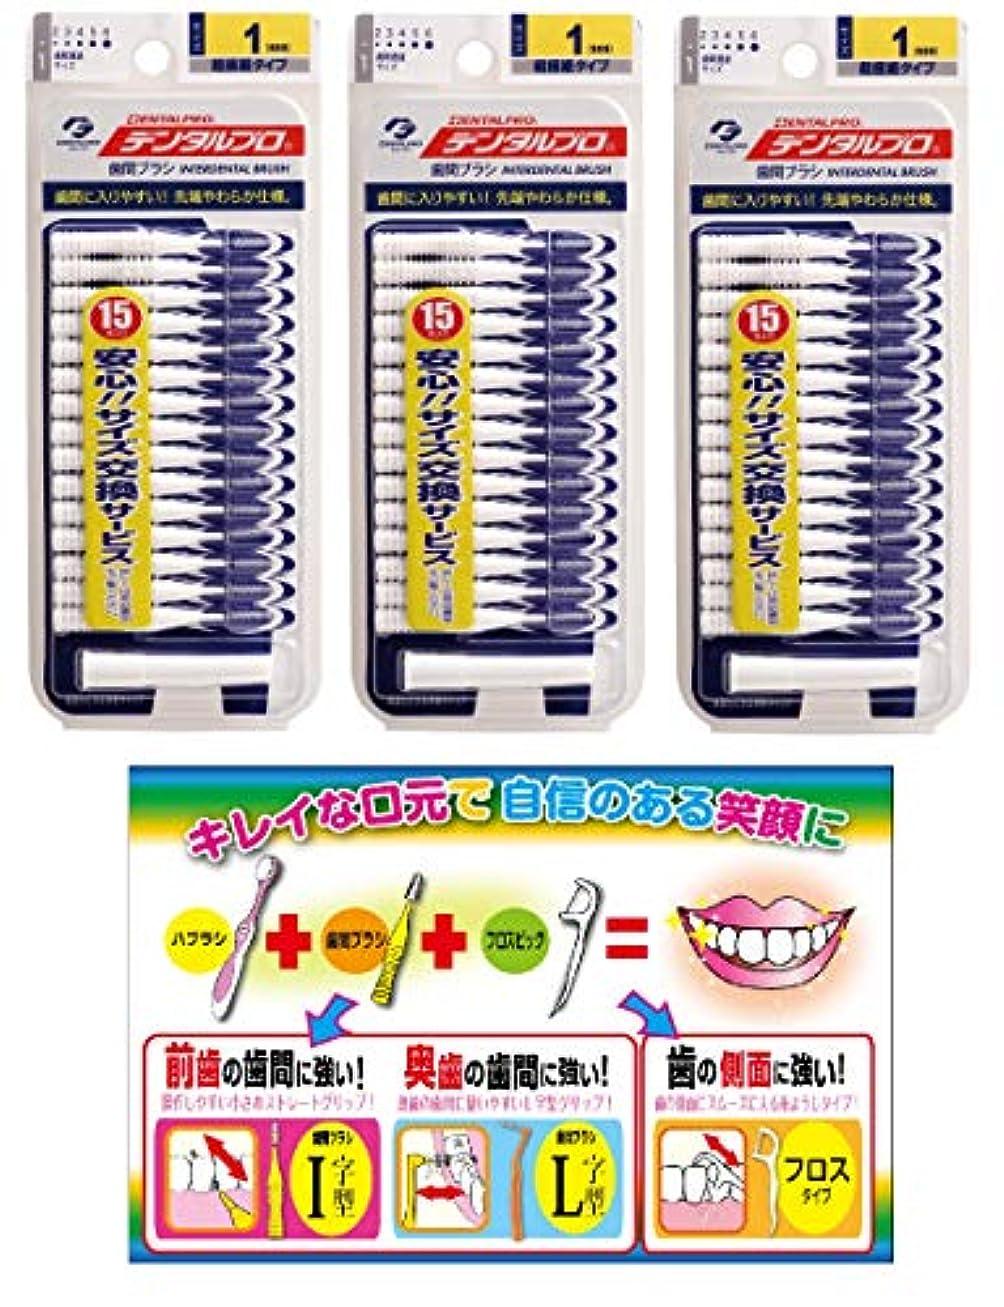 赤まあ冗談で【Amazon.co.jp限定】DP歯間ブラシ15P サイズ1 3P+リーフレット